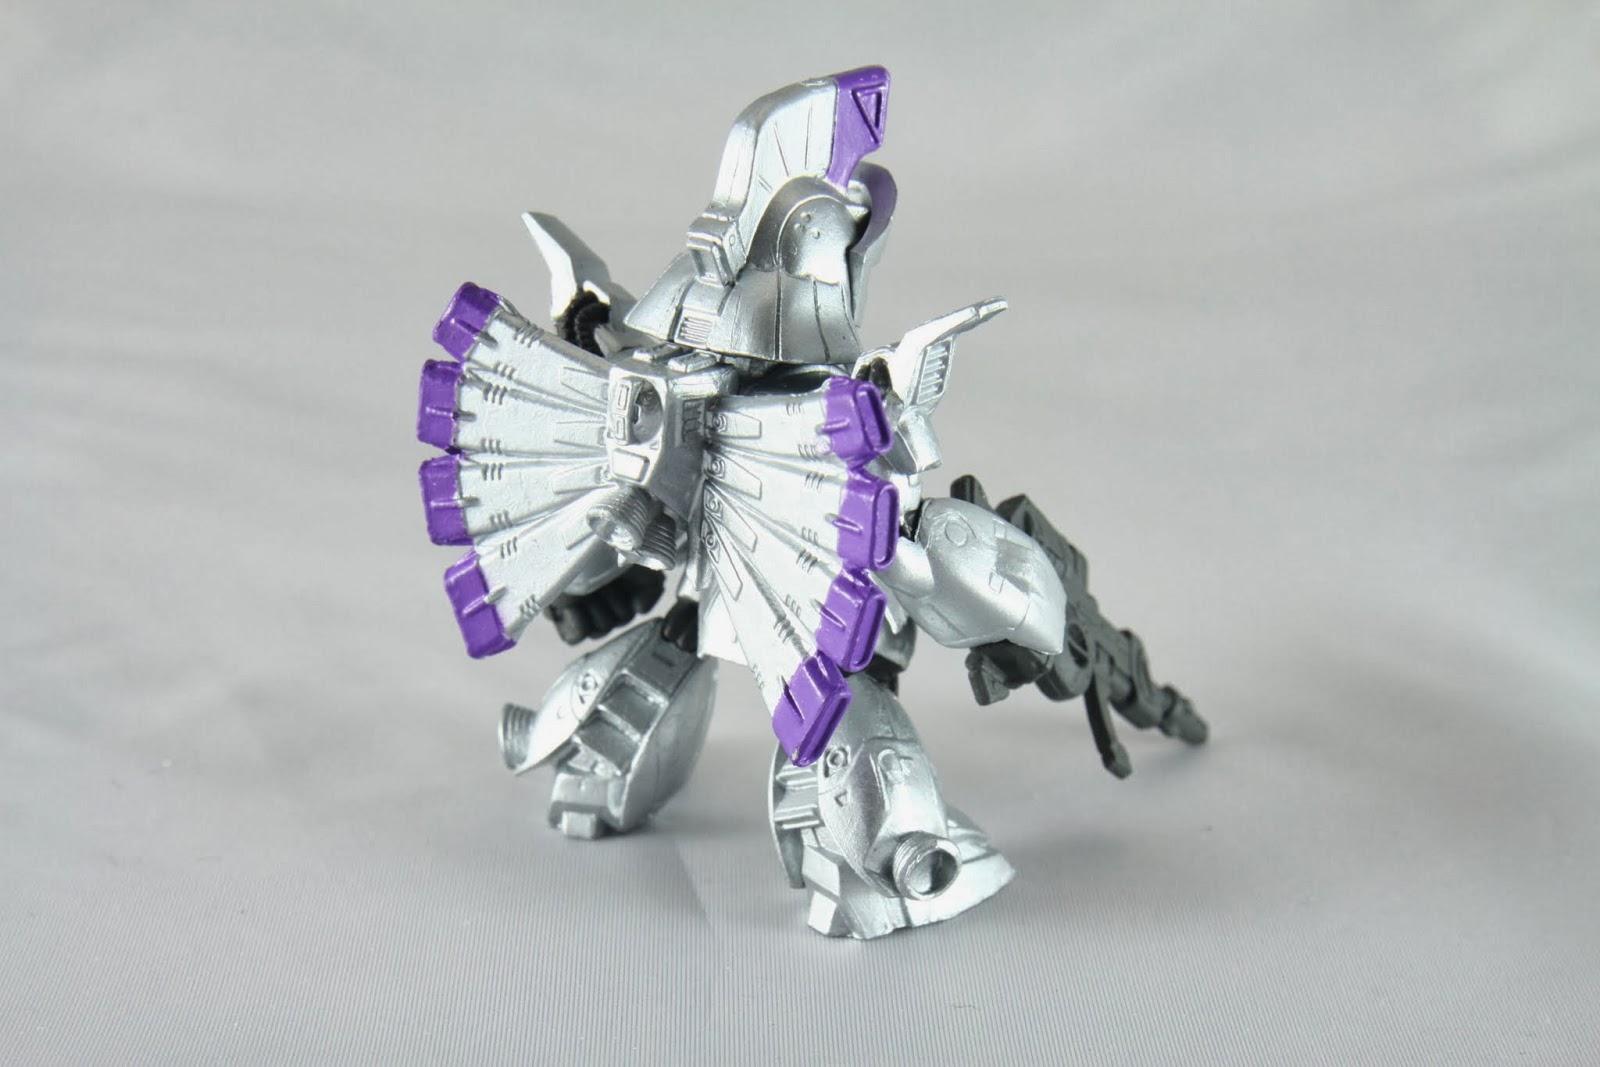 特徵是背部的八項扇形抑制噴嘴 機體本身定位是射擊機